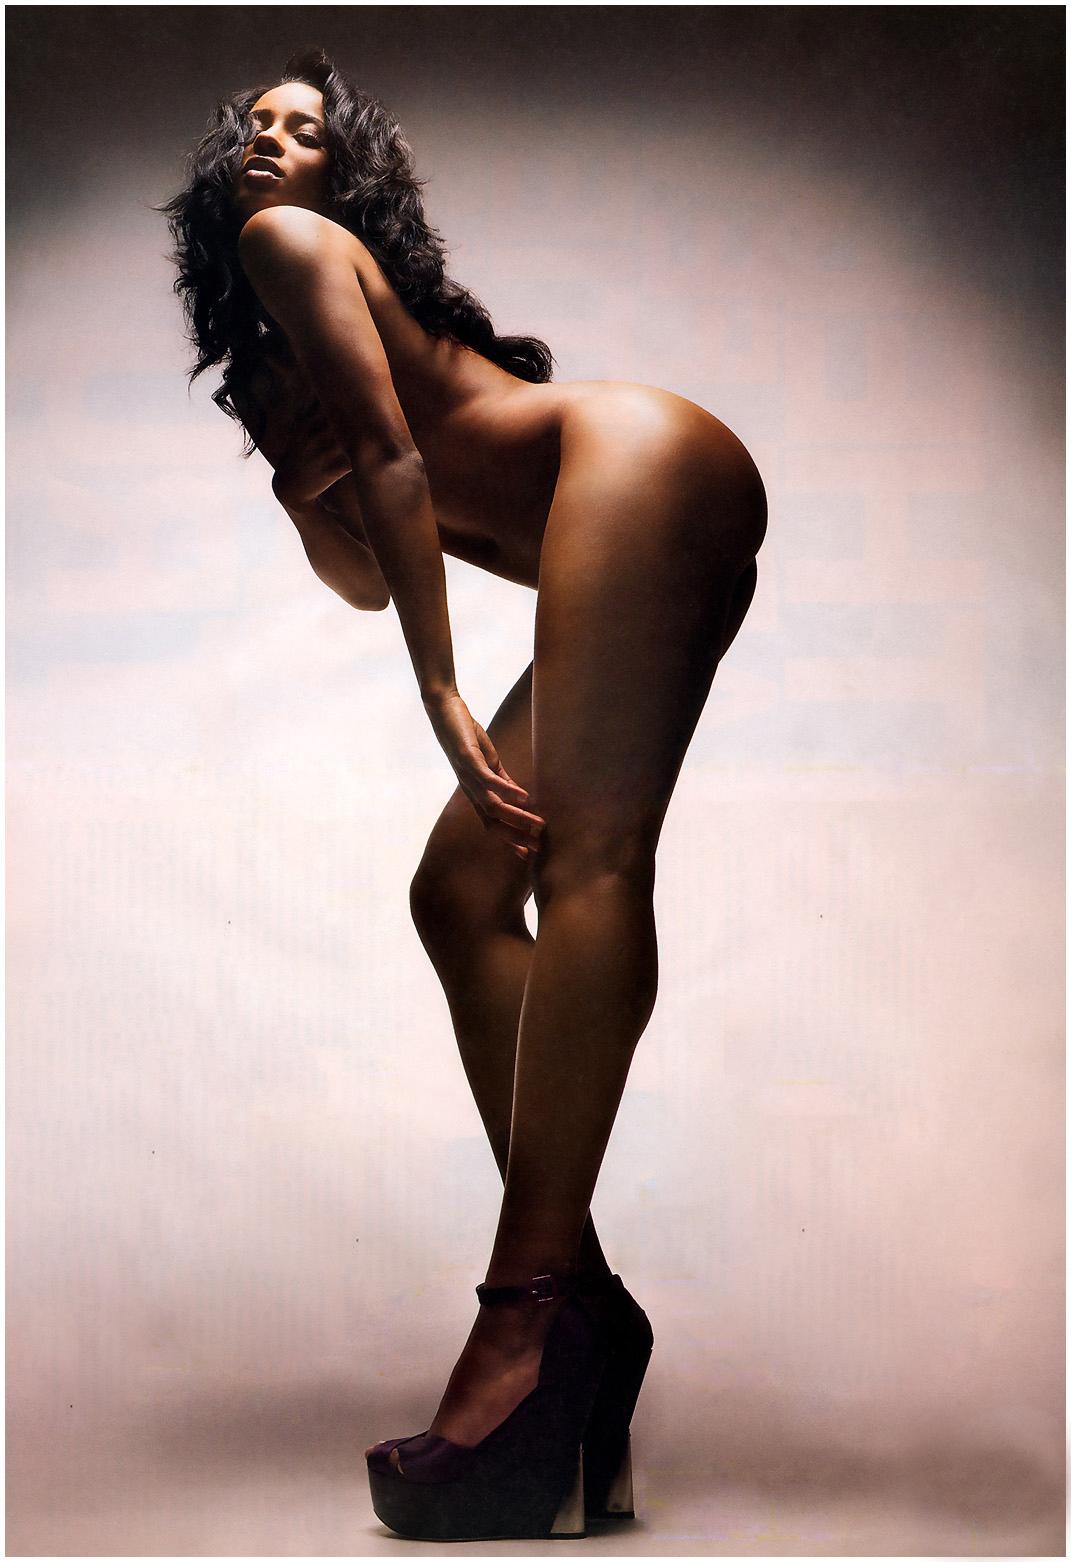 Ciara sex pictures fucks pic